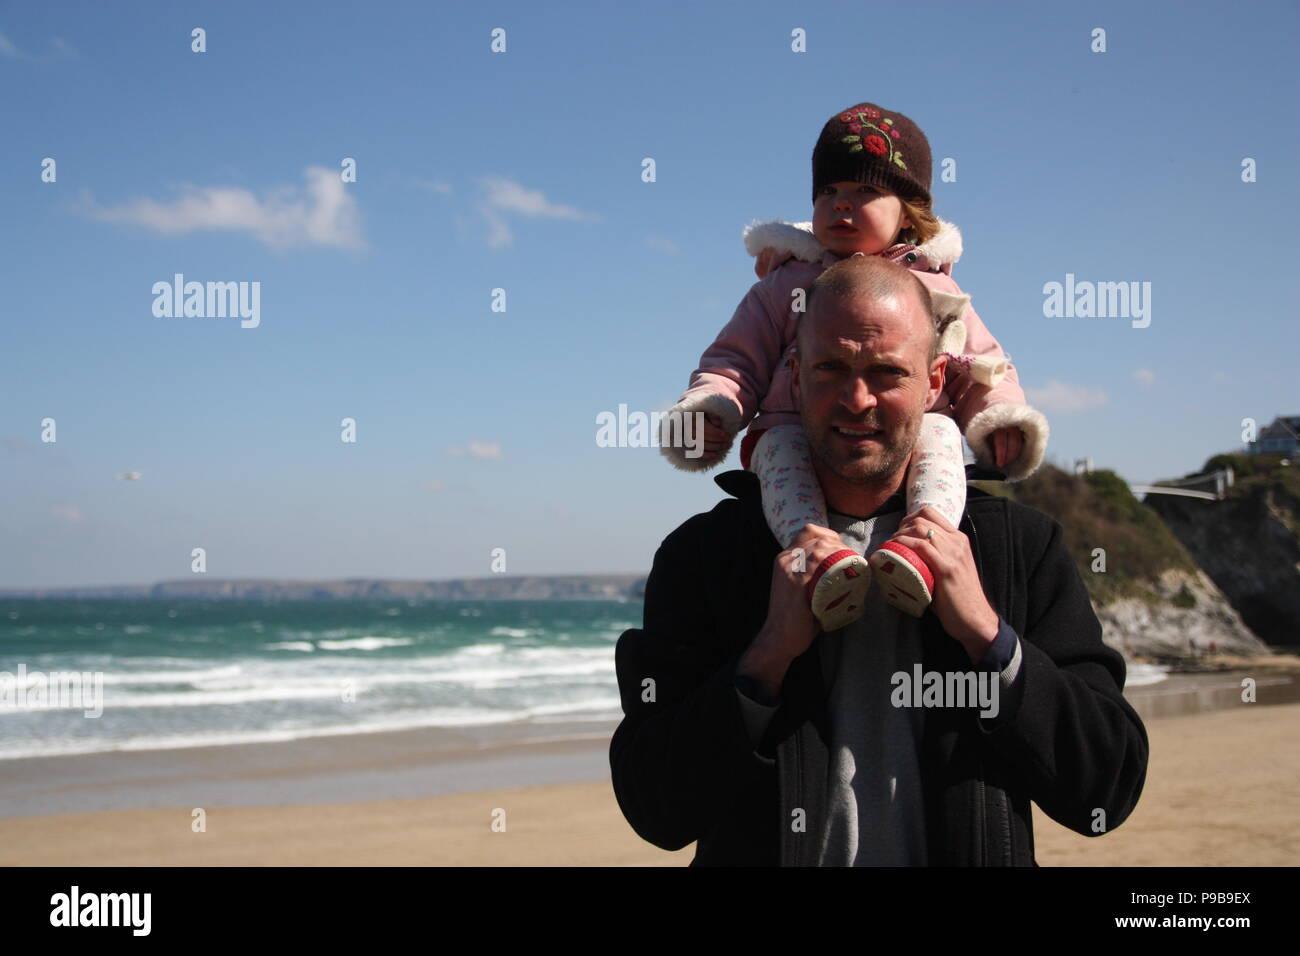 L'homme avec jeune fille sur son épaule sur une plage de sable fin dans une station Cornwall Marazion Photo Stock